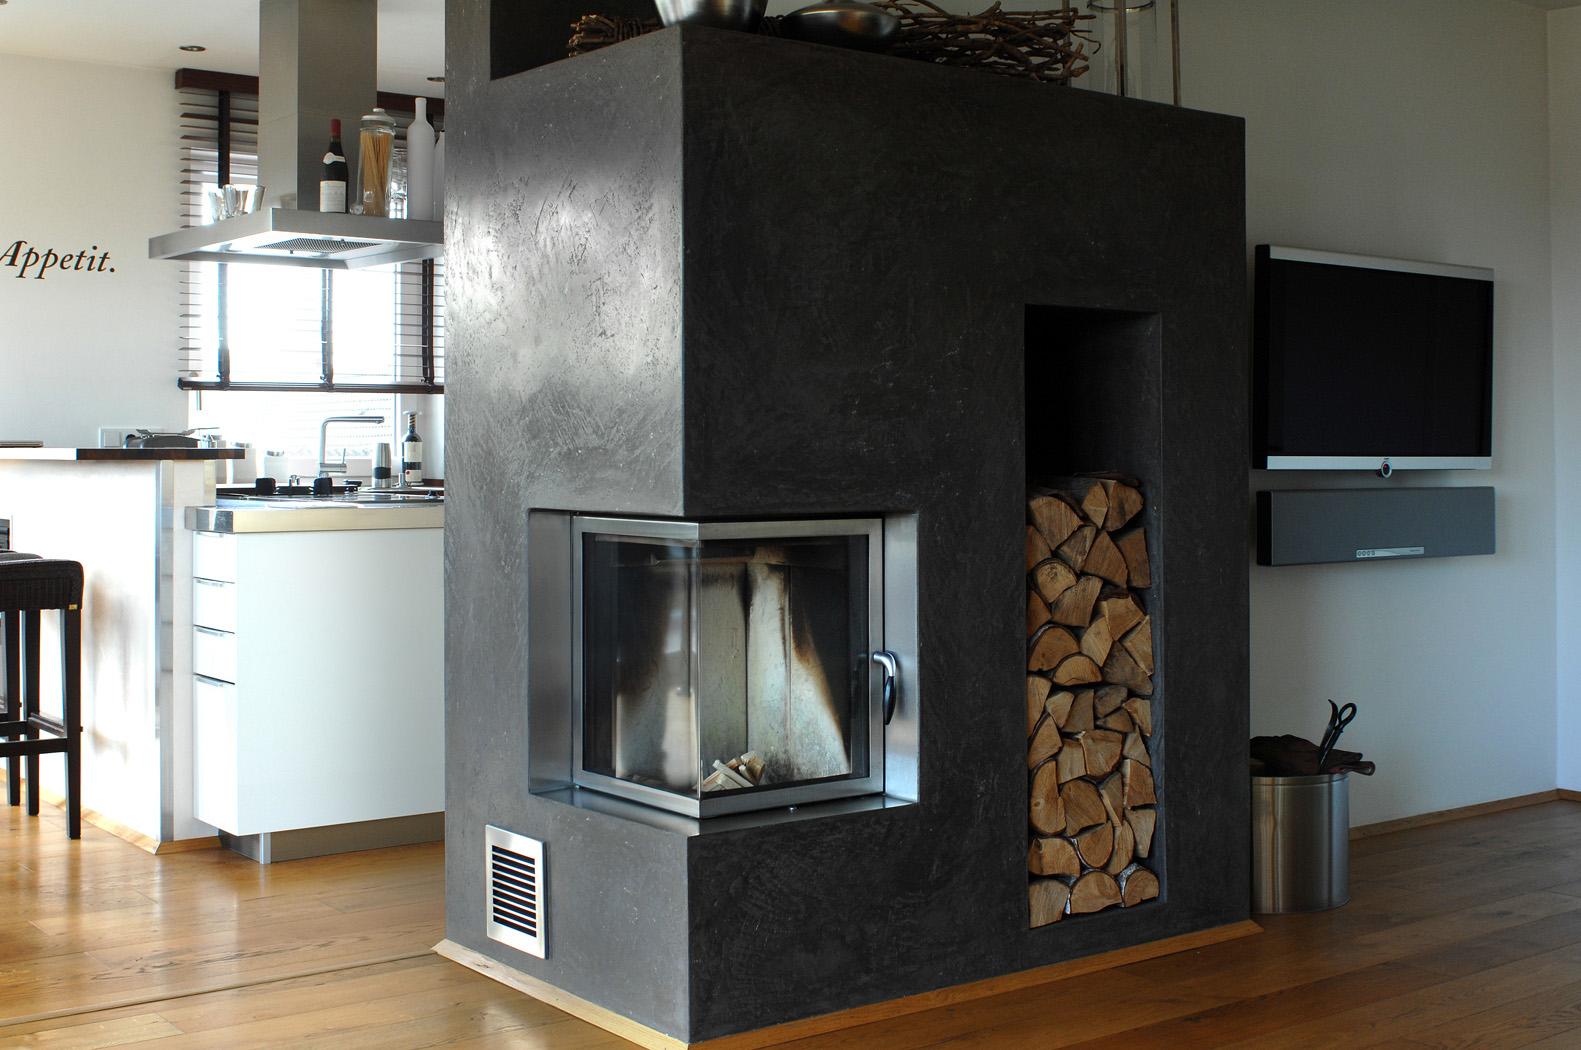 steinoptik kamin ideen fr kamin und fernseher an einer wand wohnzimmer ideen deko ideen design. Black Bedroom Furniture Sets. Home Design Ideas